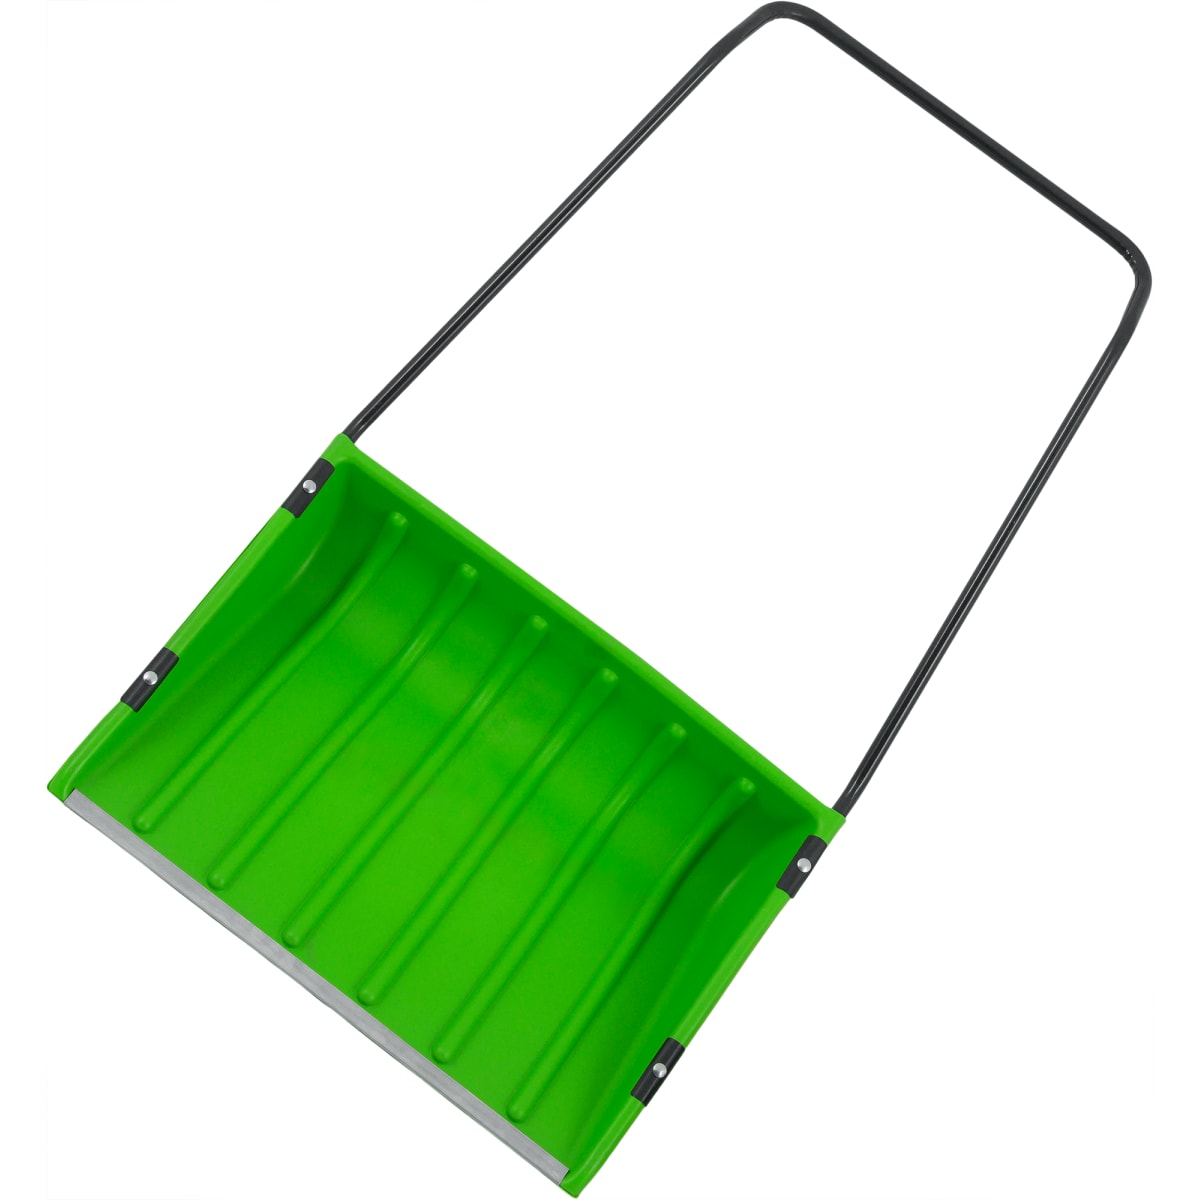 Скрепер для уборки снега 75x55 см пластик